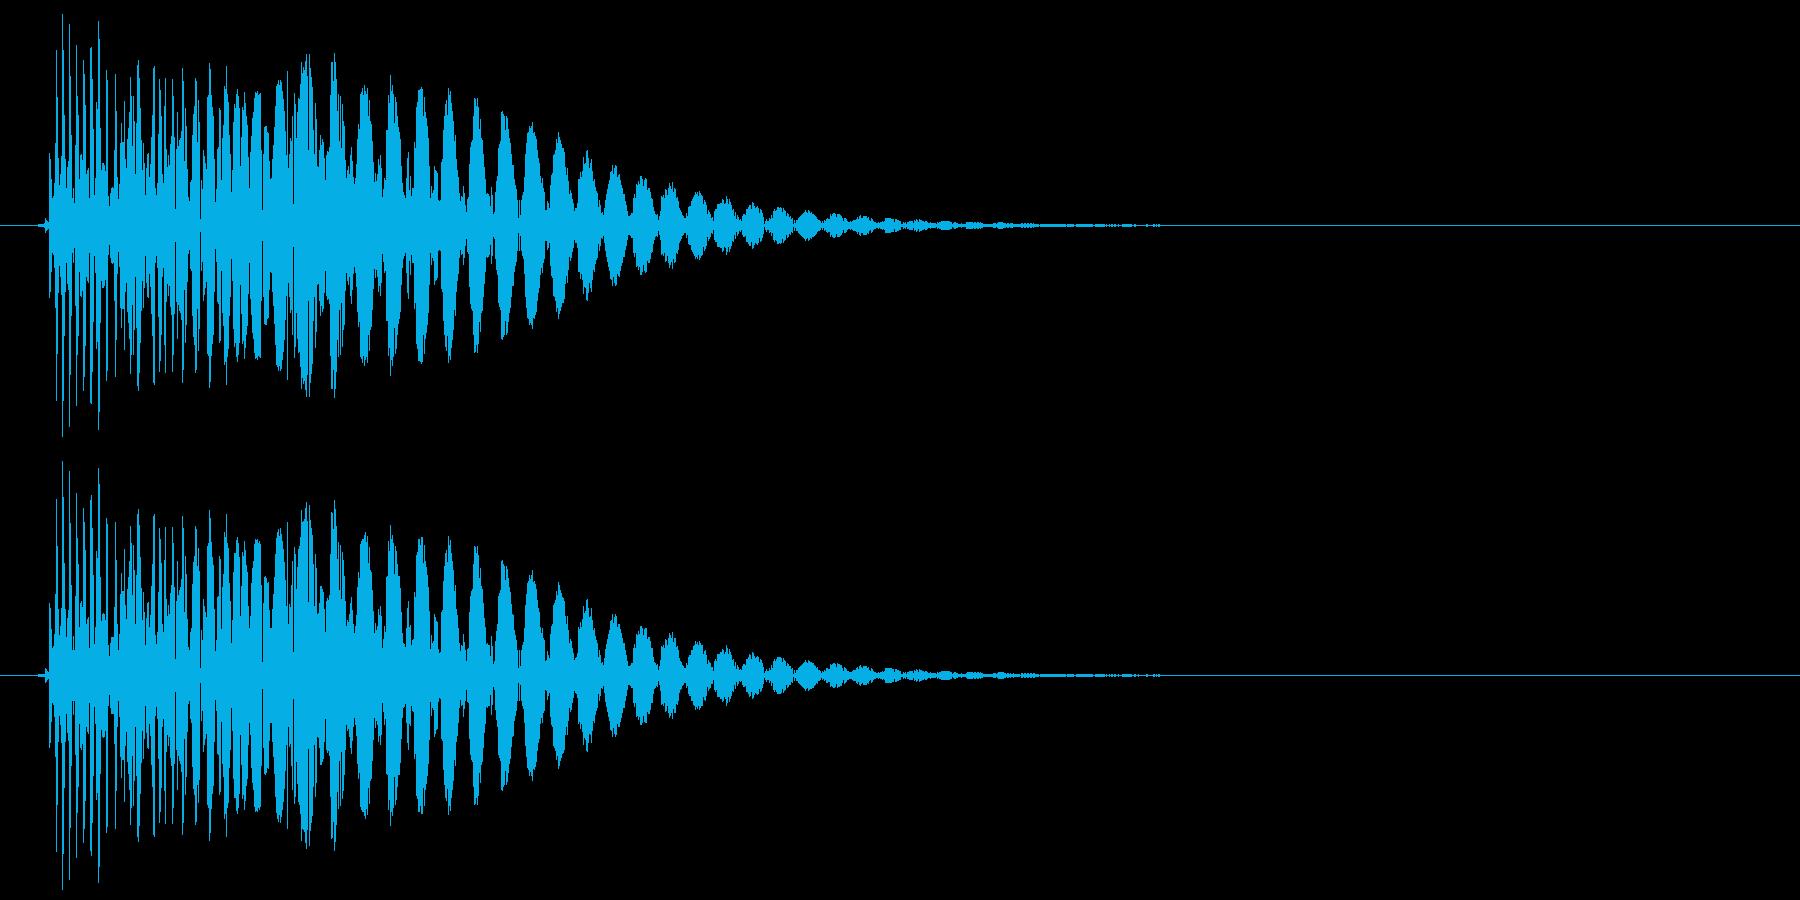 ドシュン 攻撃や刺さるような音の再生済みの波形